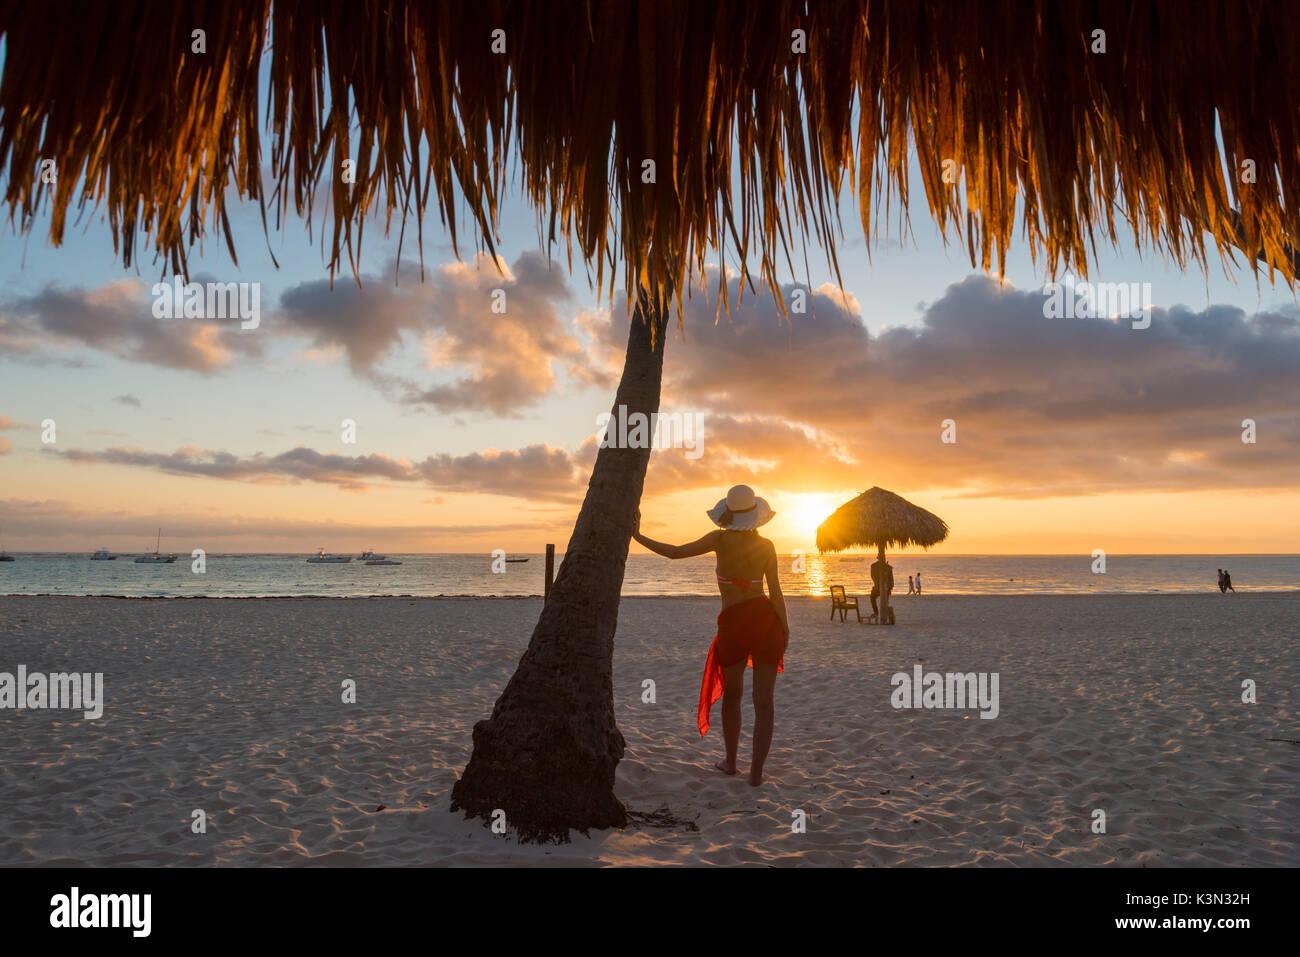 Playa Bavaro Higuey, Bávaro, Punta Cana, República Dominicana. Mujer por paja sombrillas en la playa al amanecer (MR). Imagen De Stock